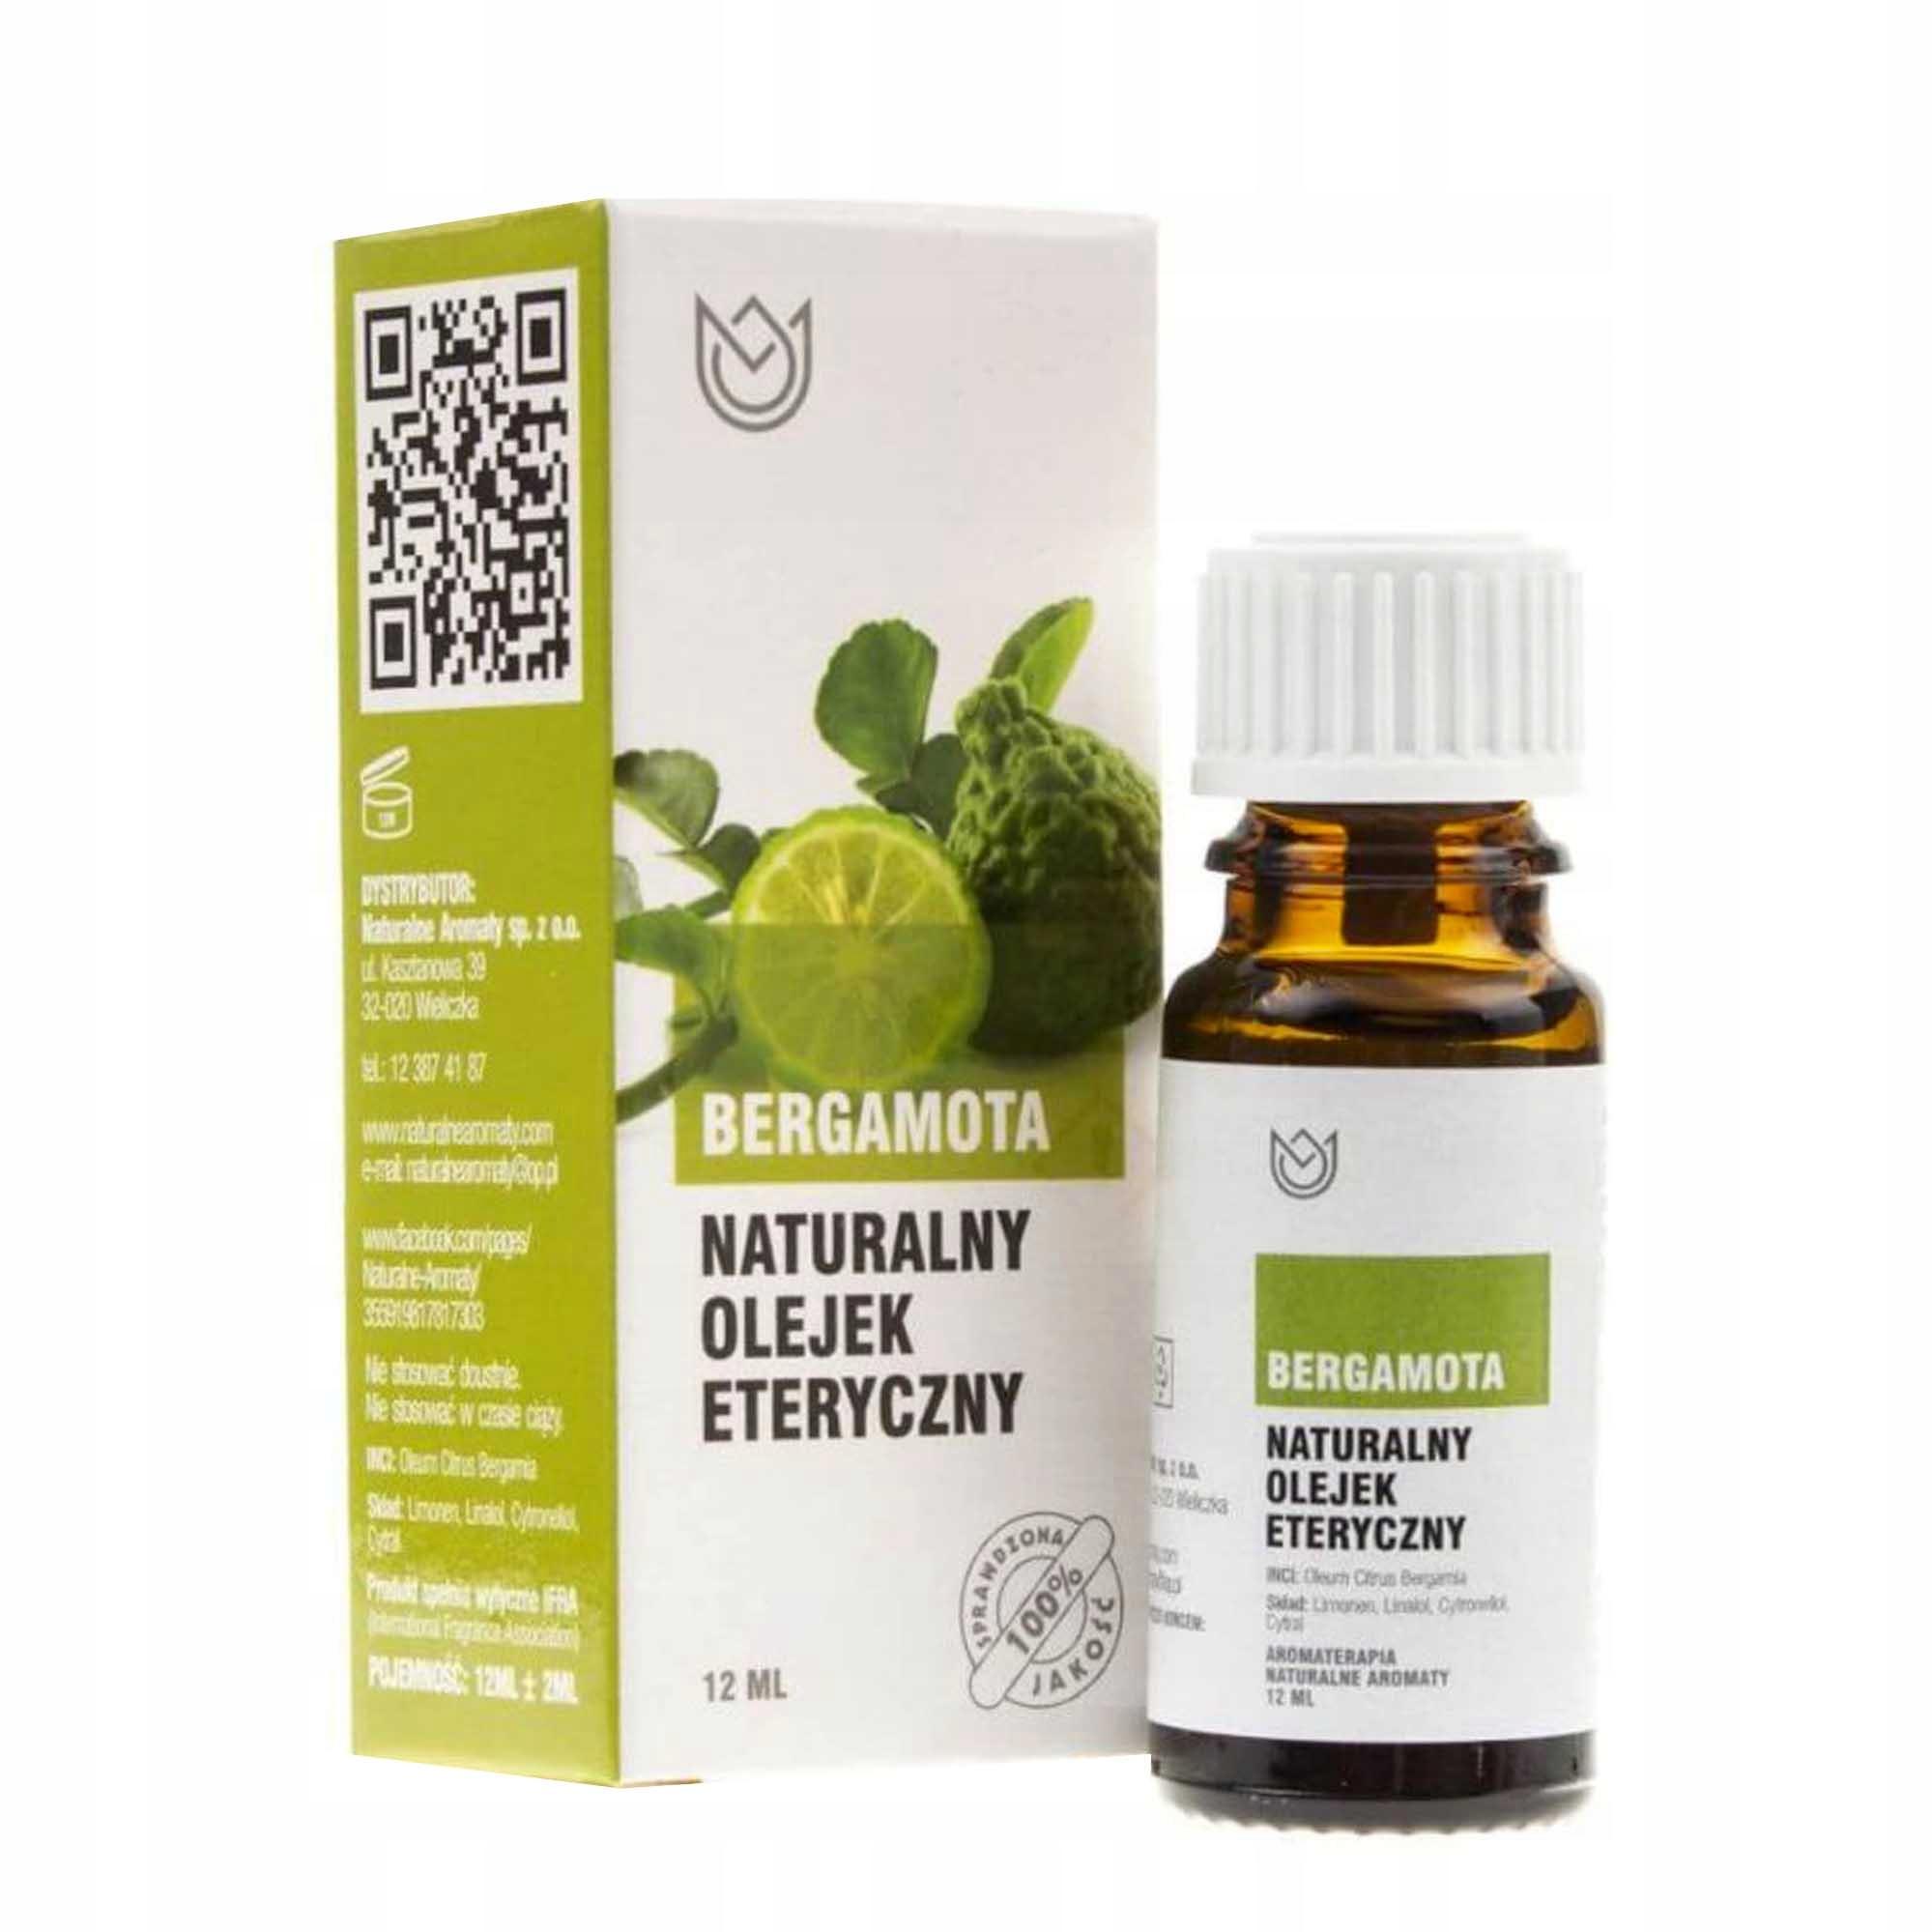 NATURALNE OLEJKI ETERYCZNE I ZAPACHOWE zestaw 9szt Producent Naturalne Aromaty